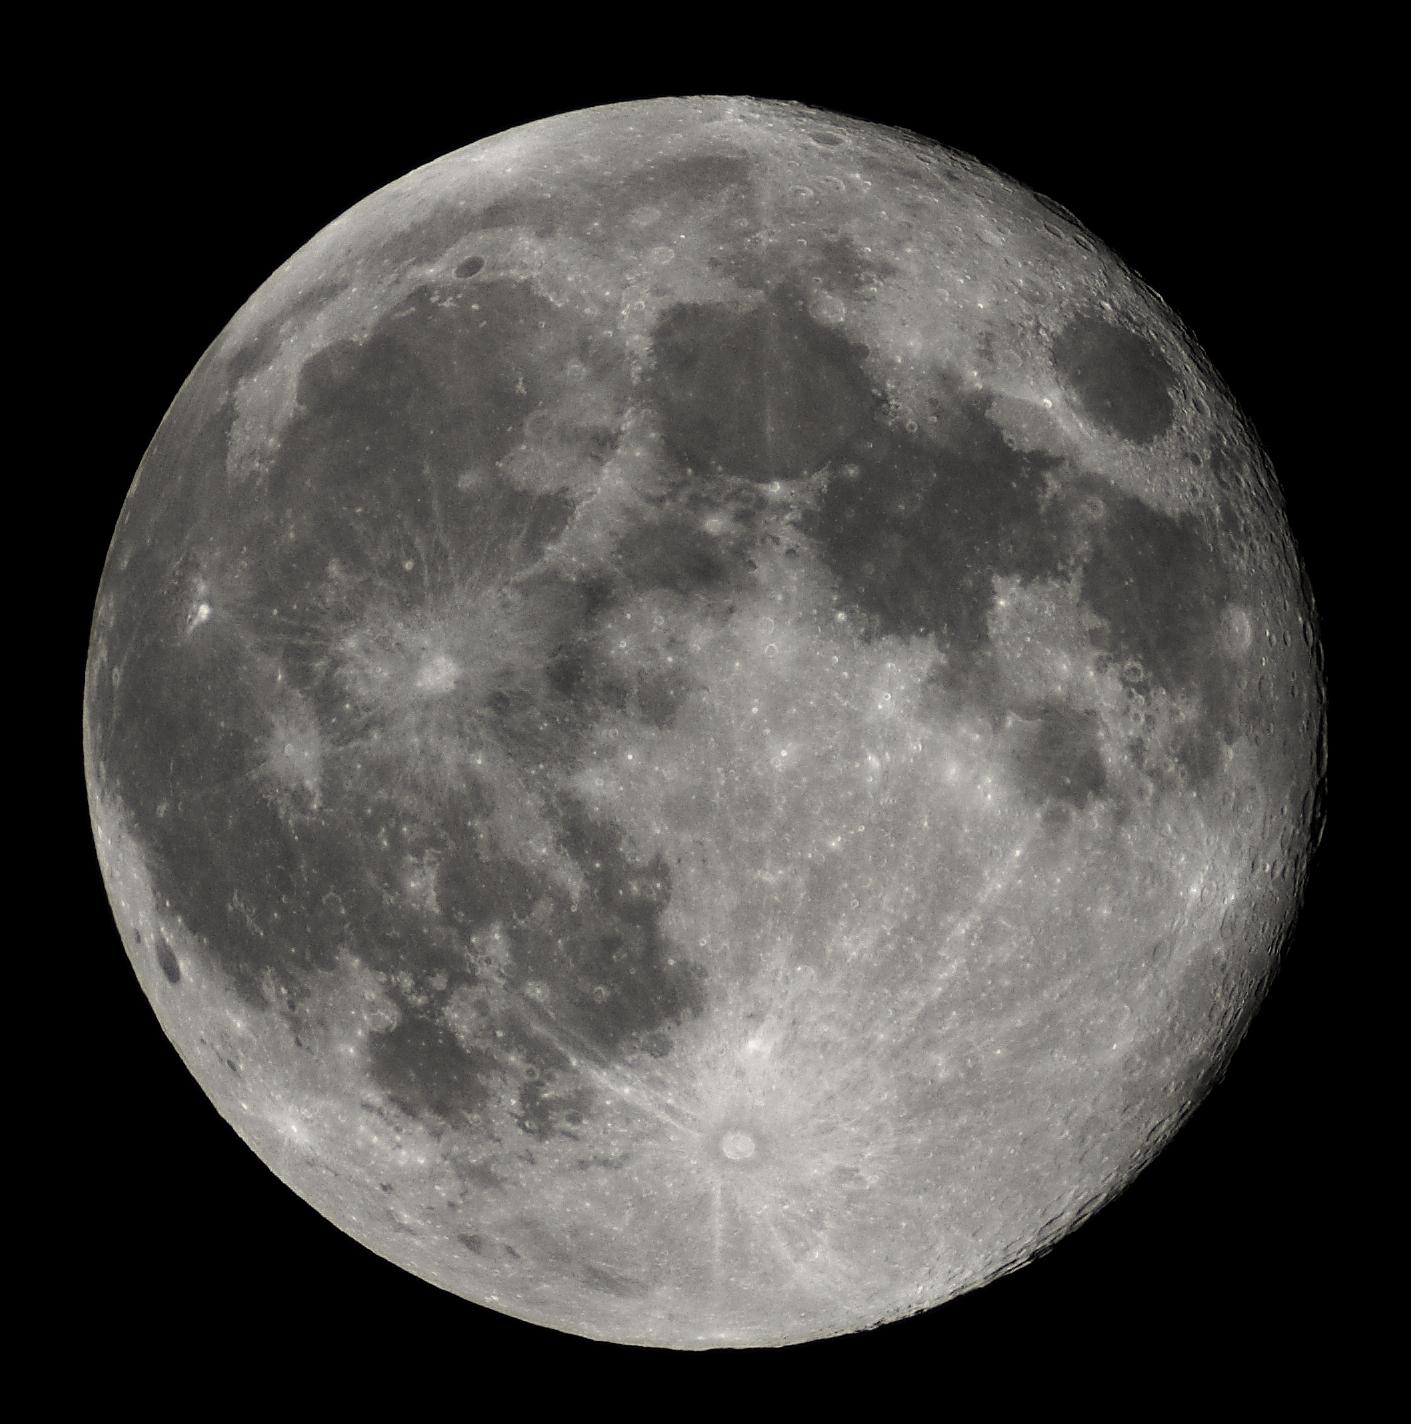 Full_Moon_Luc_Viatour.jpg